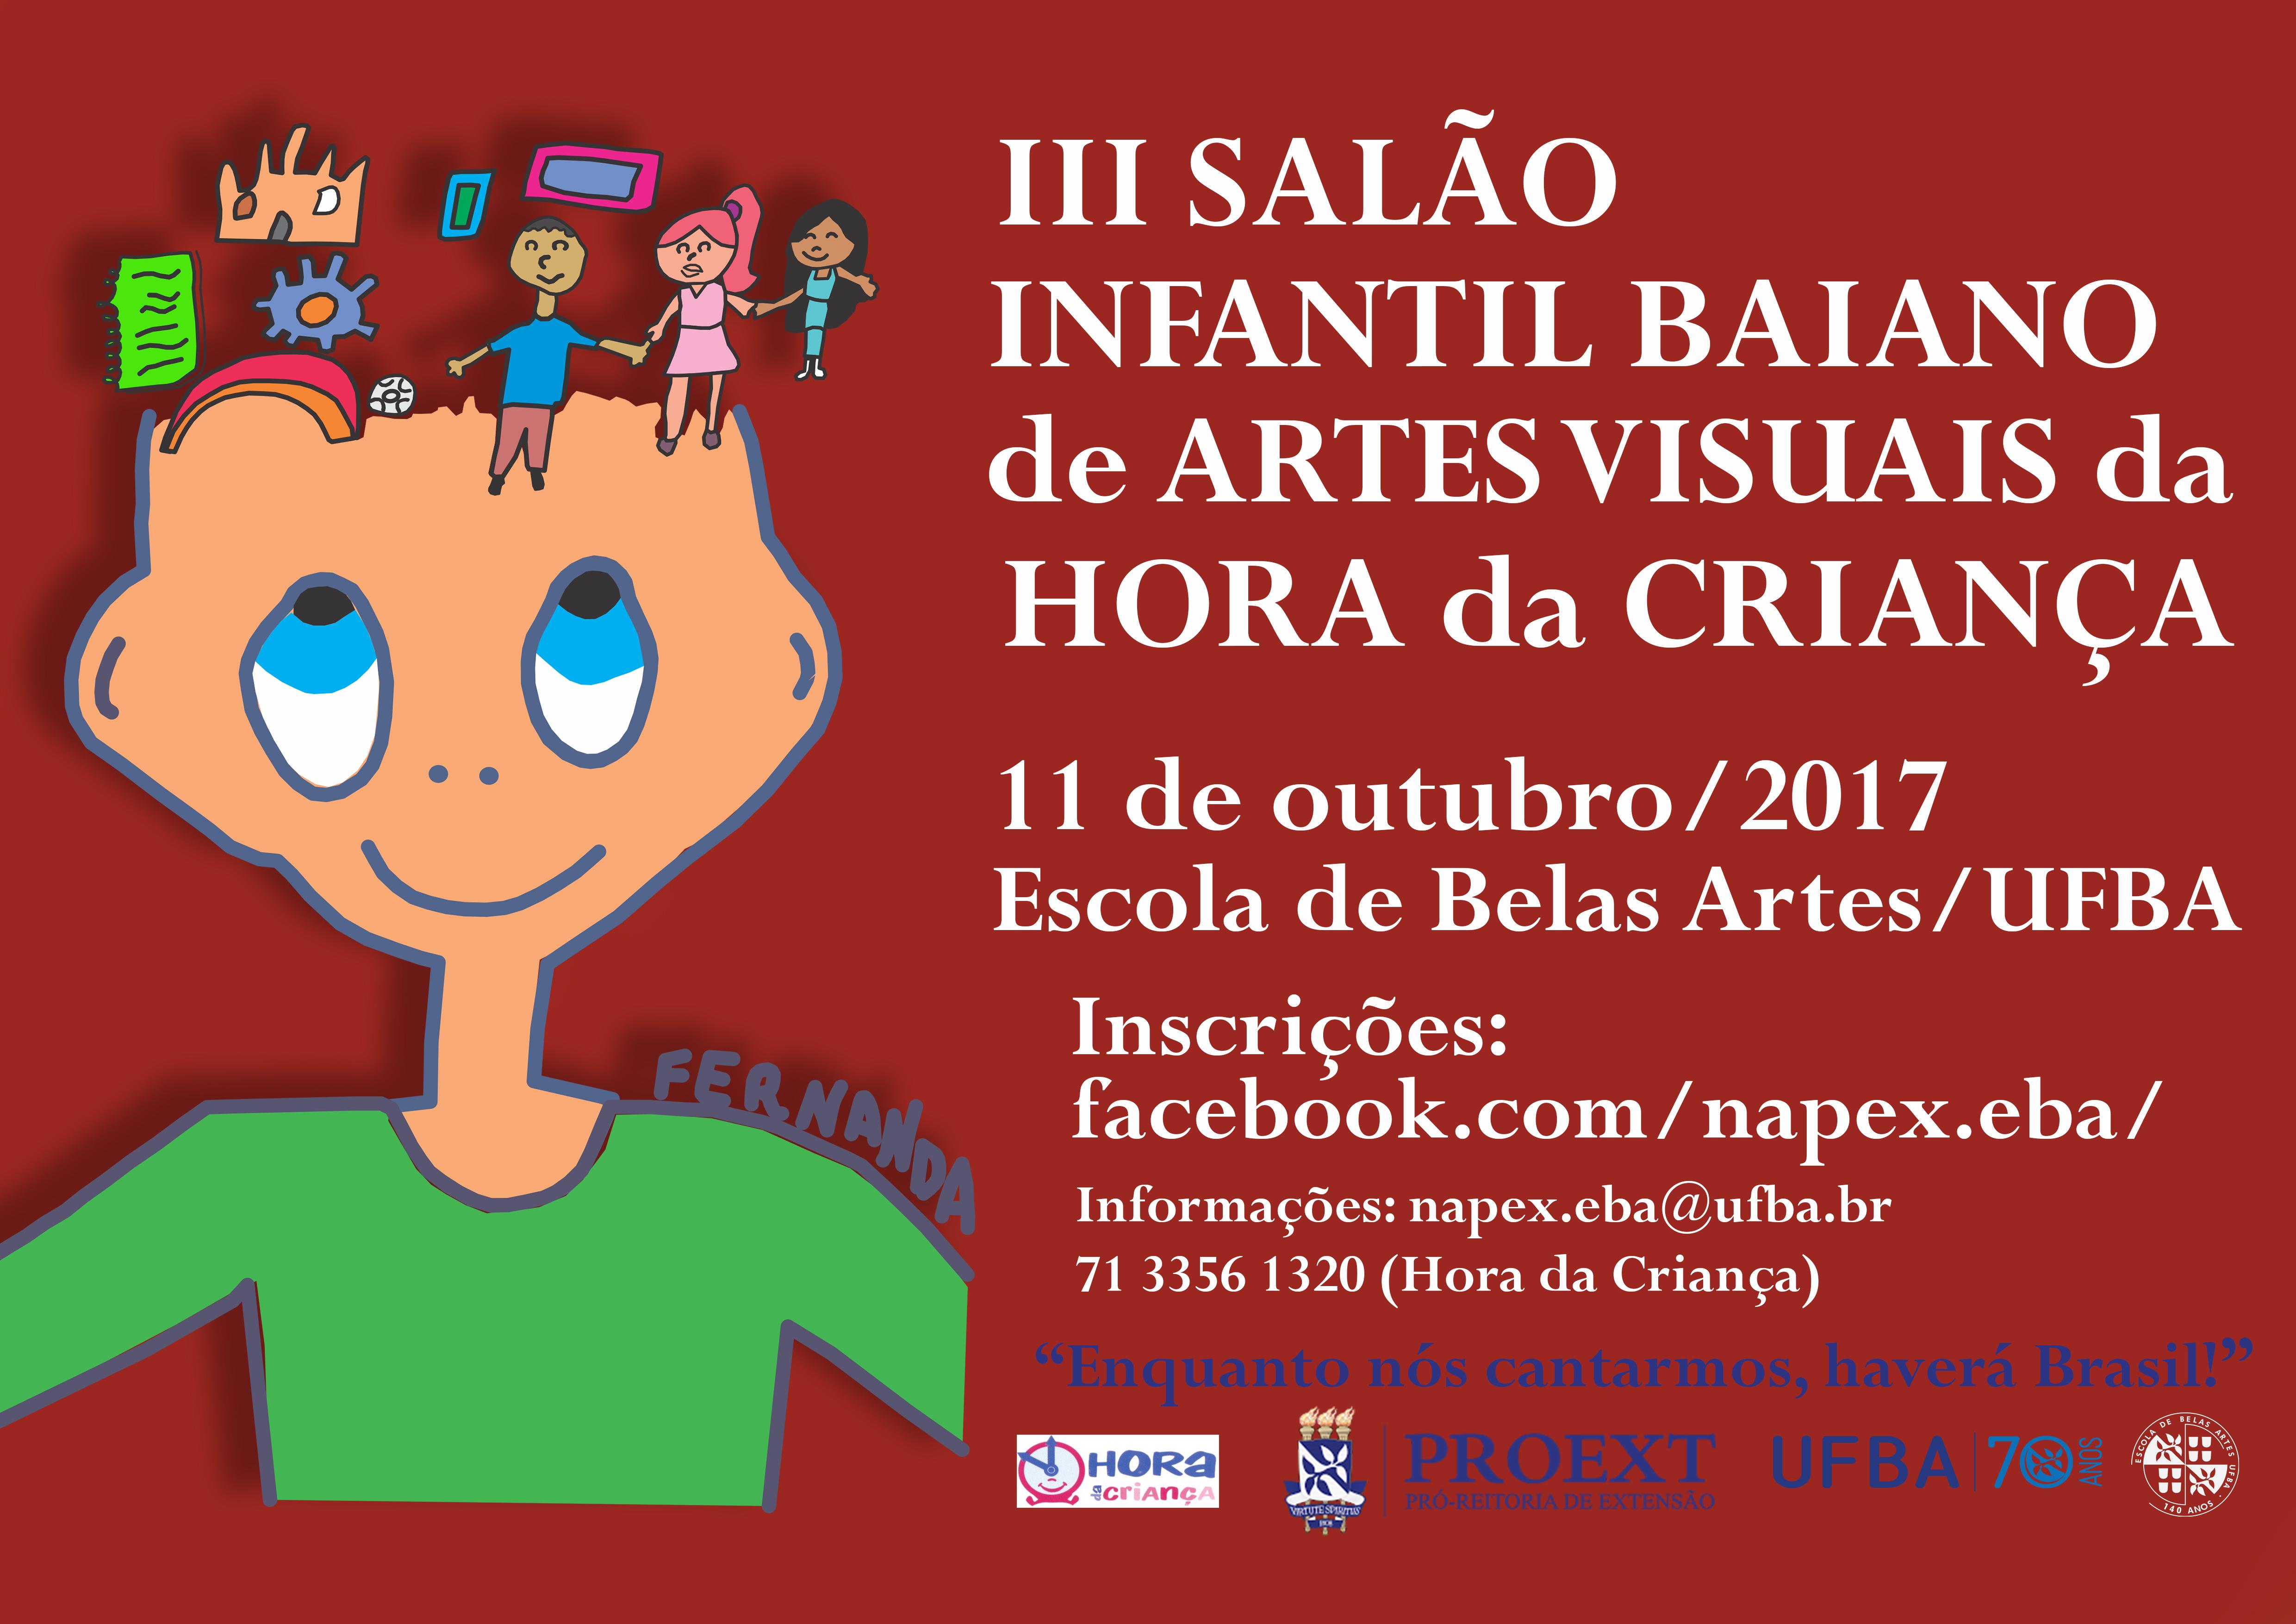 Inscrições abertas para o III Salão Infantil Baiano de Artes Visuais